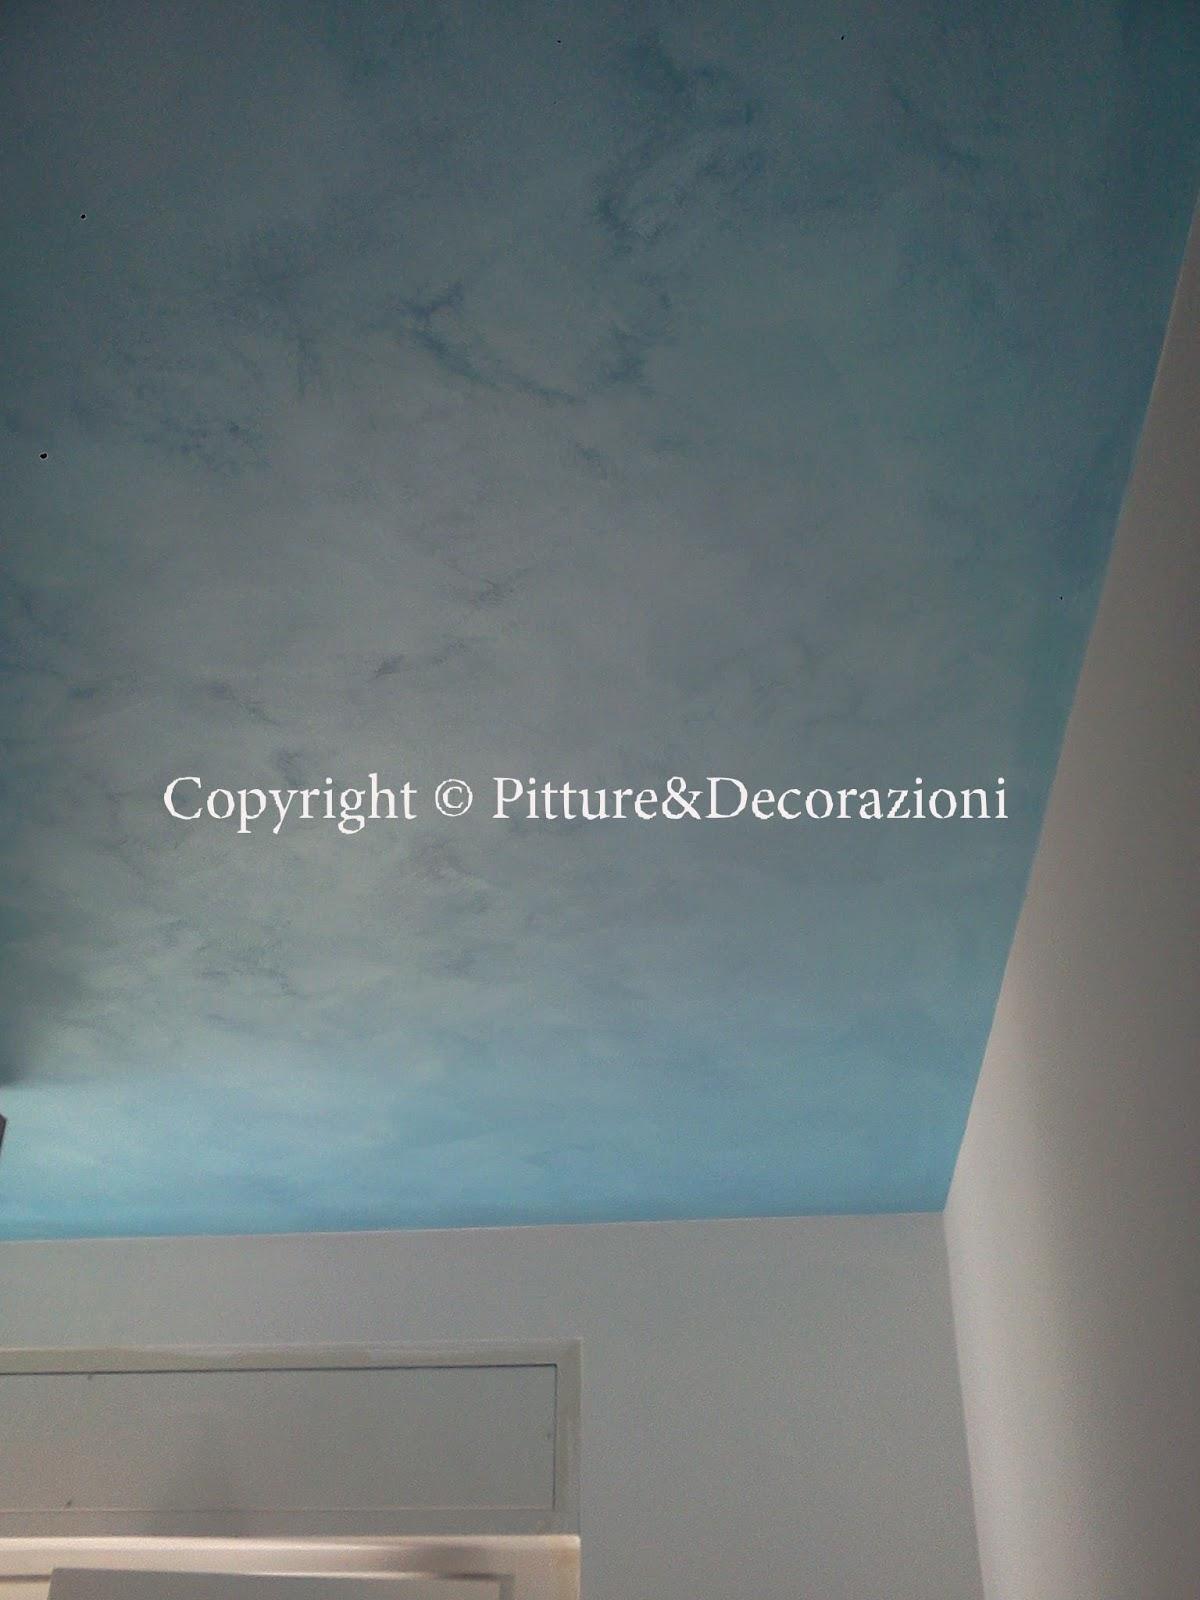 Pitture decorazioni 2013 for Oikos colori interni